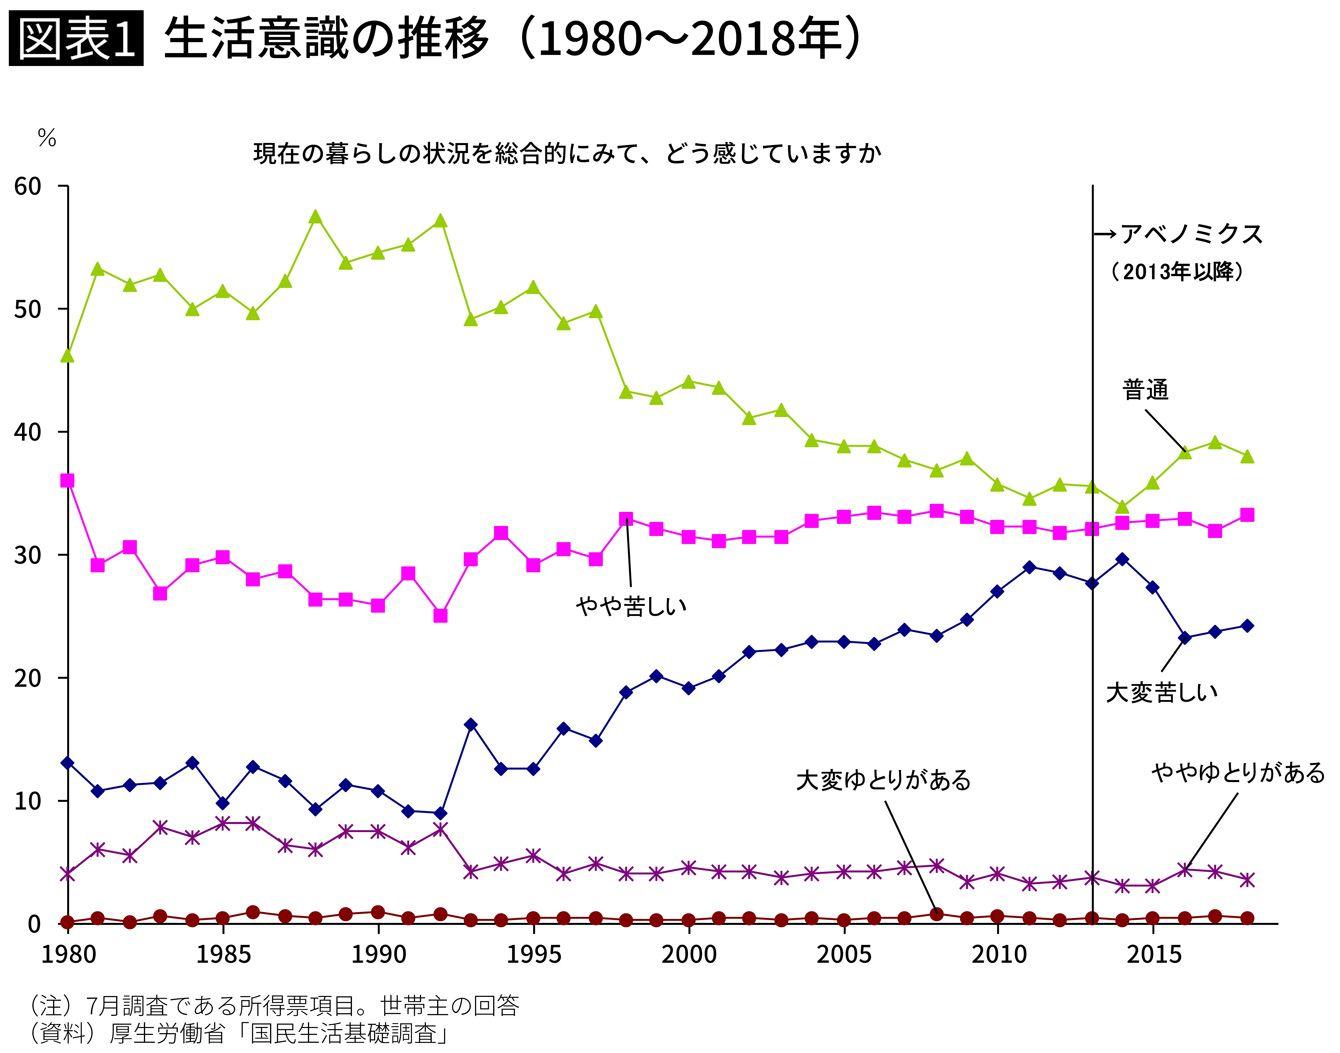 生活意識の推移(1980~2018年)